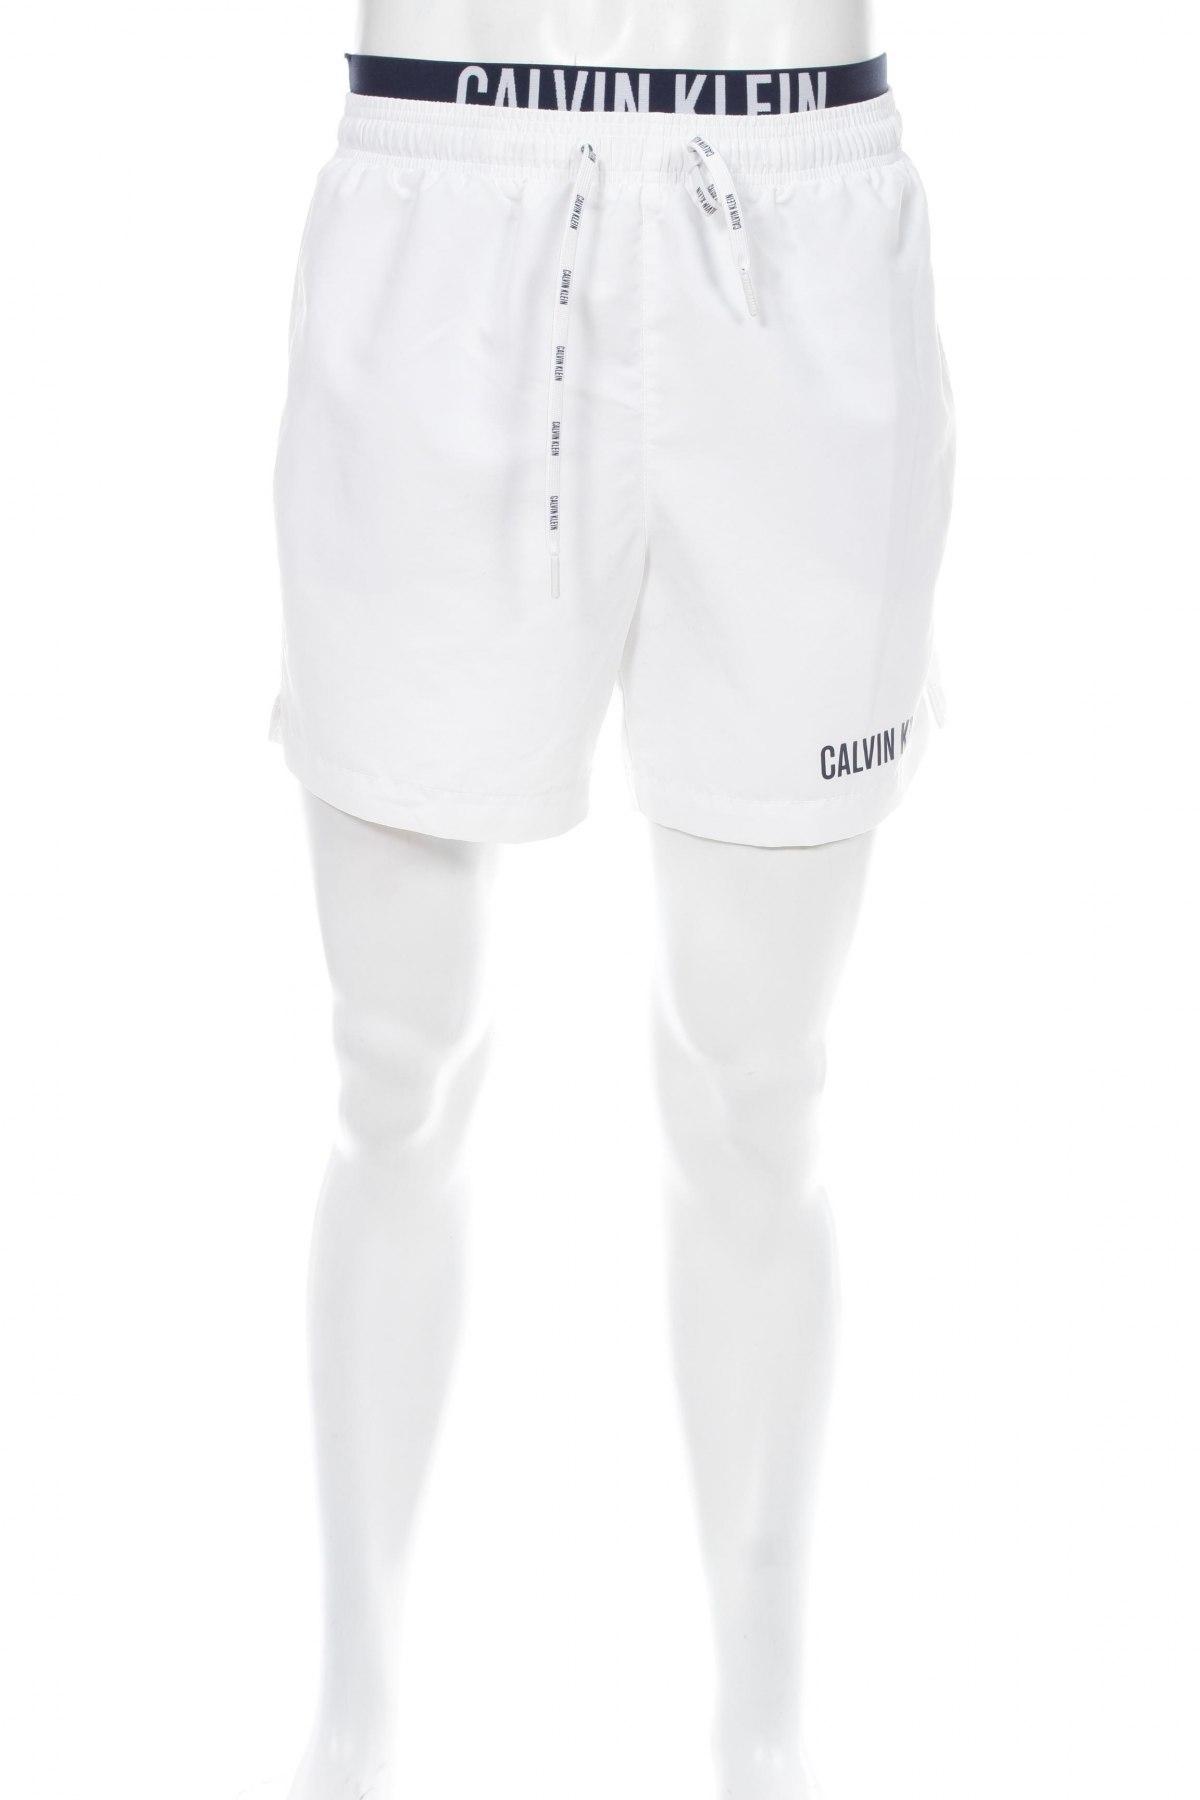 18fa337416 Férfi rövidnadrág Calvin Klein - kedvező áron Remixben - #9041591